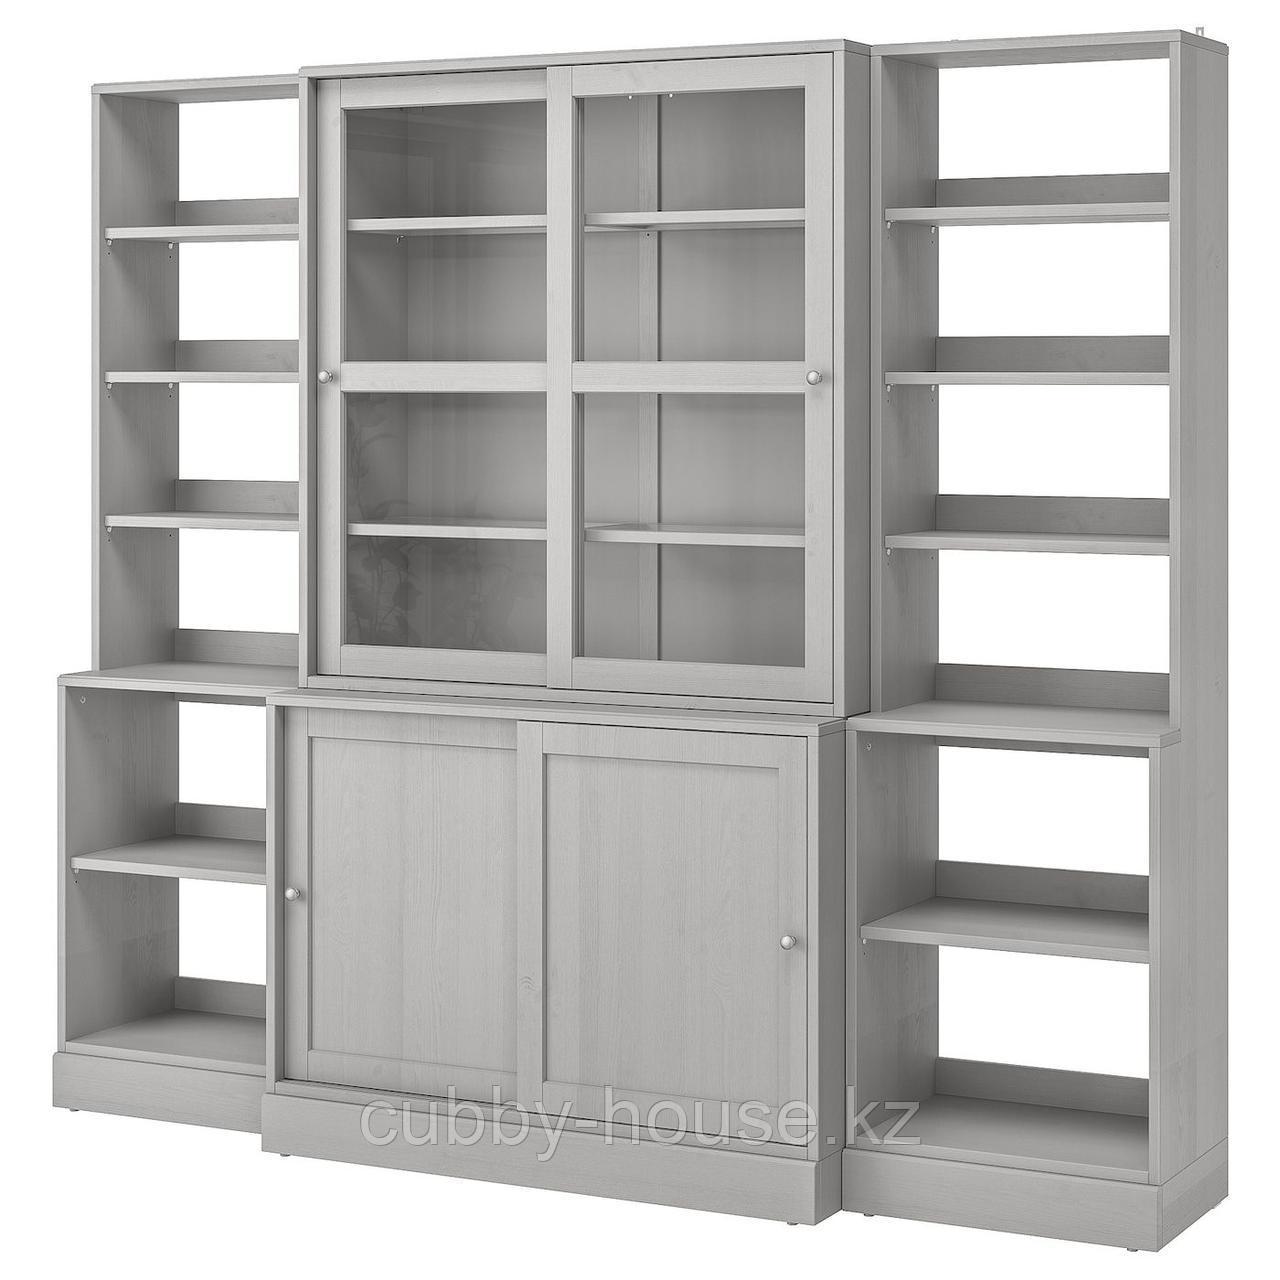 ХАВСТА Комбинация с раздвижными дверьми, белый, 243x47x212 см